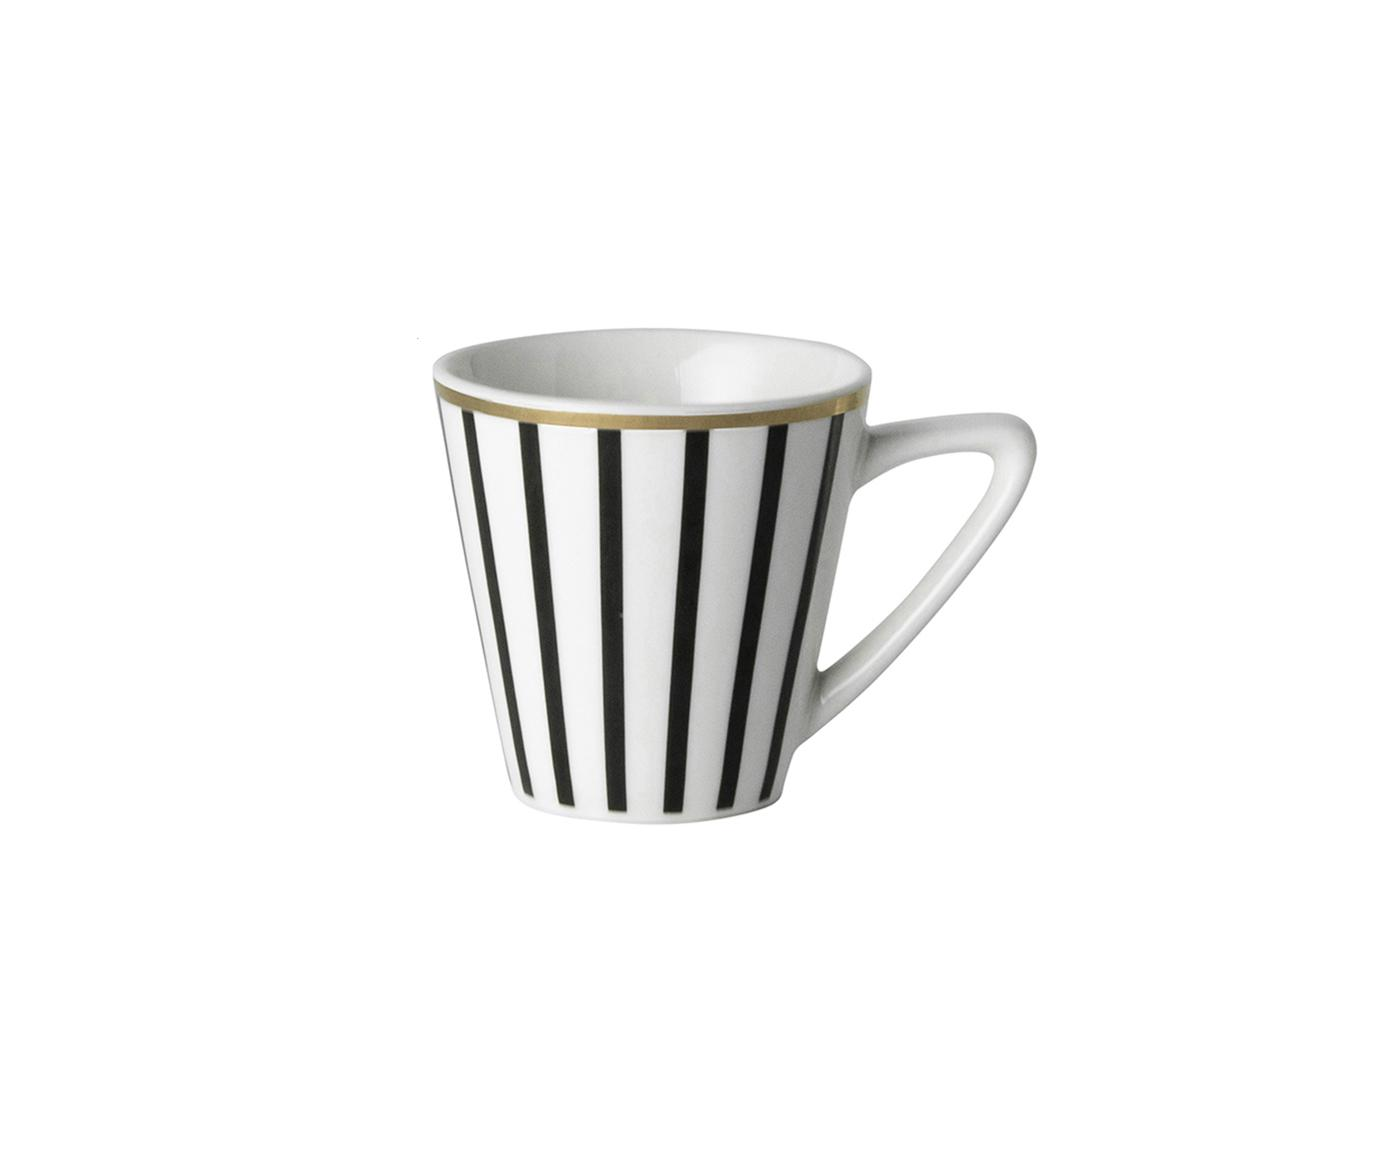 Espressokopjes Pluto Loft met goudkleurige rand, 4 stuks, Porselein, Zwart, wit, Ø 6 x H 6 cm